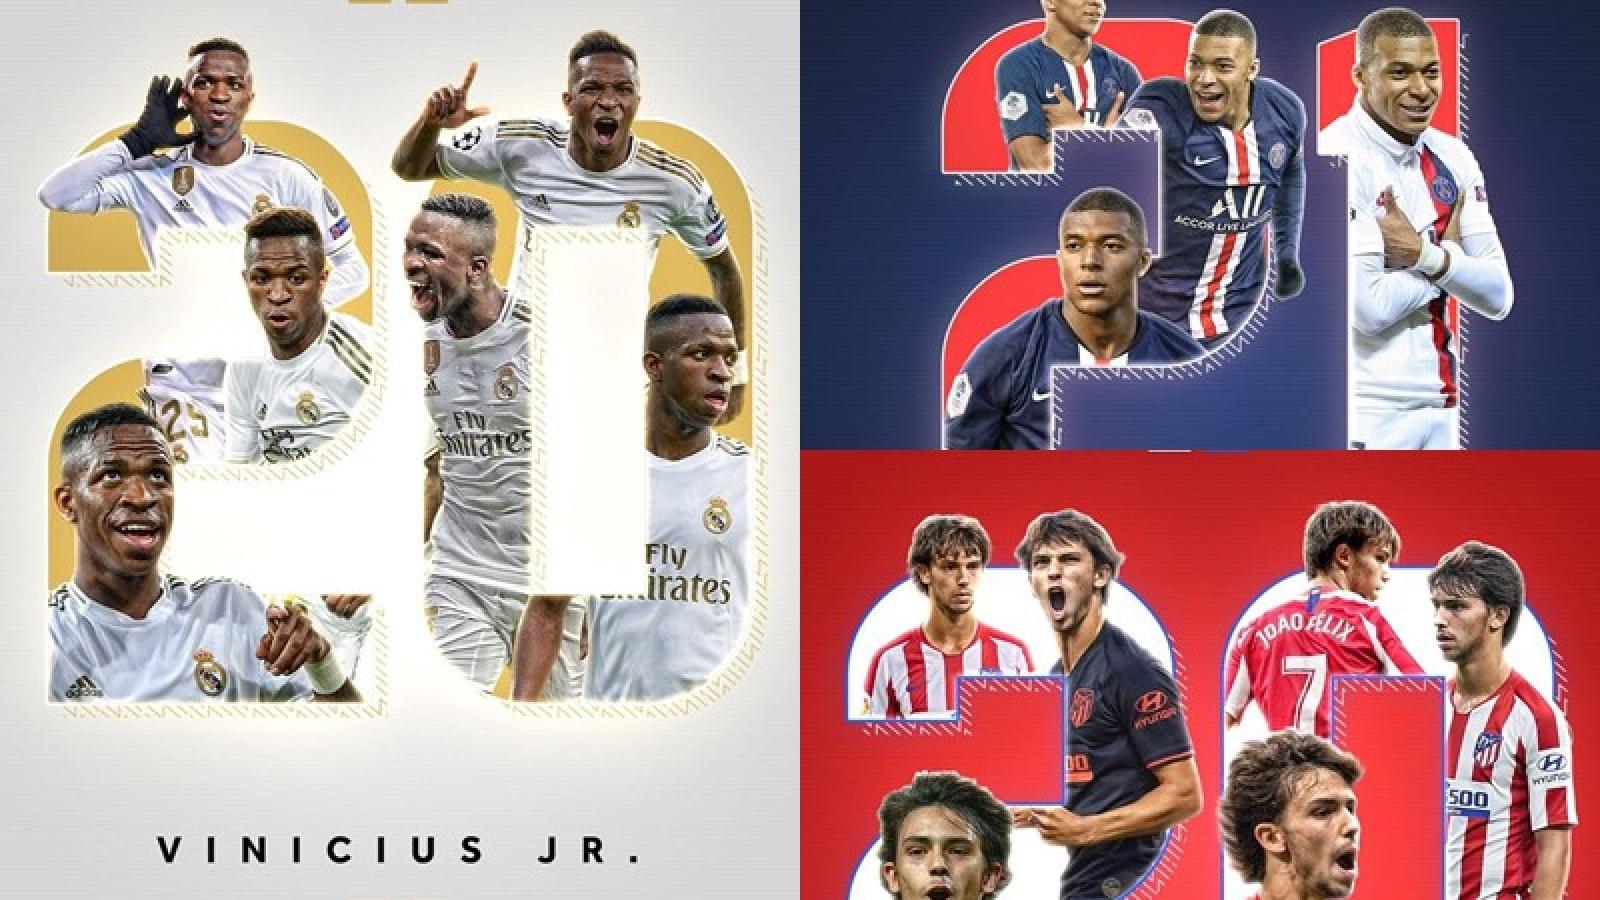 10 sao trẻ hứa hẹn kế vị Messi và Ronaldo trong tương lai